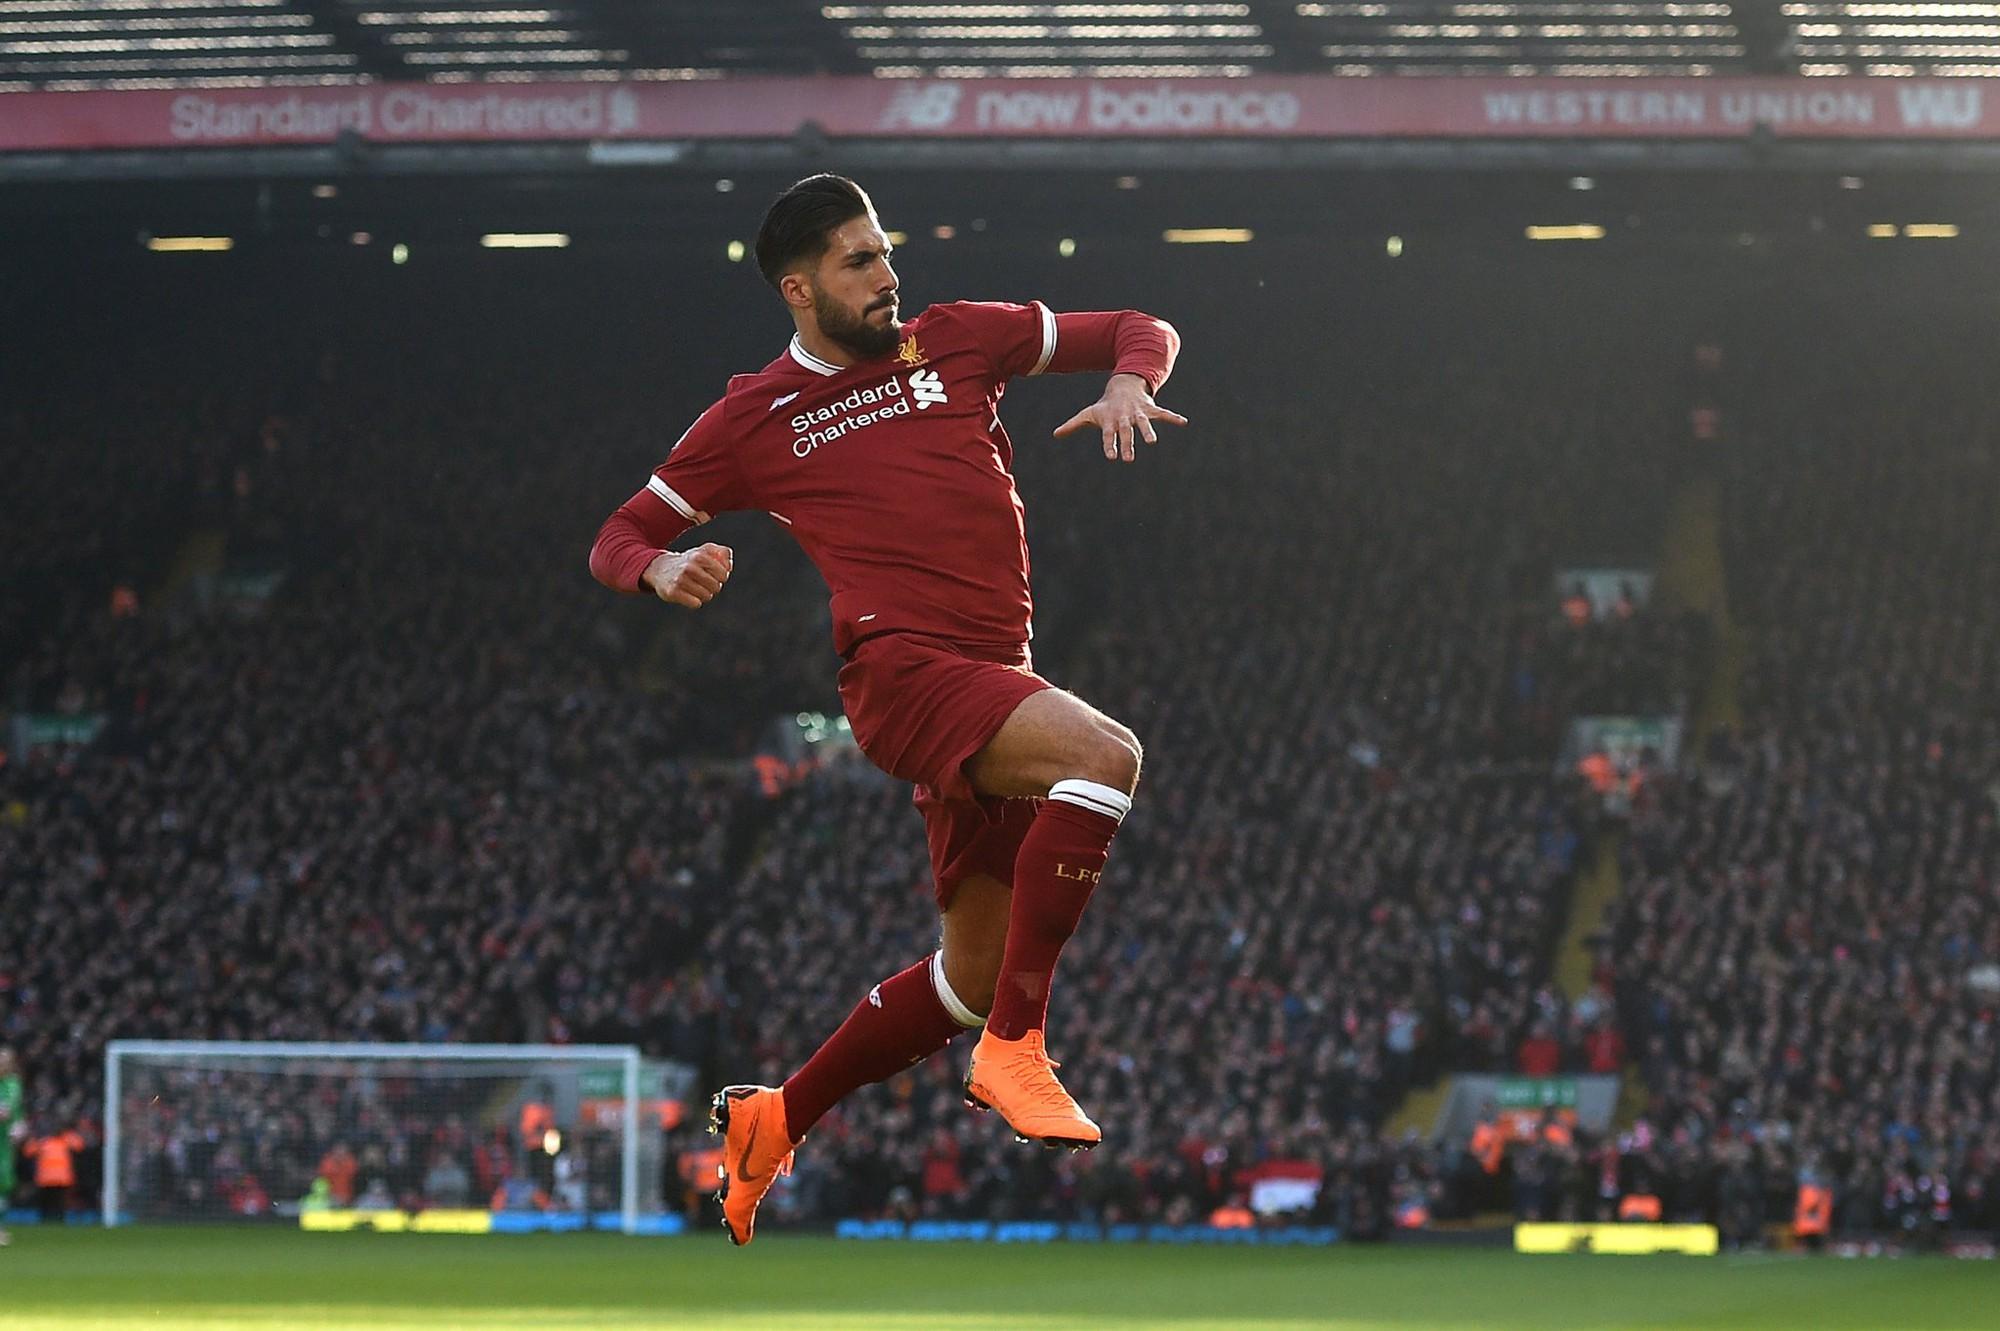 Hình ảnh: Emre Can mở màn bữa tiệc chiến thắng và ghi bàn thứ 100 của Liverpool ở mùa giải này